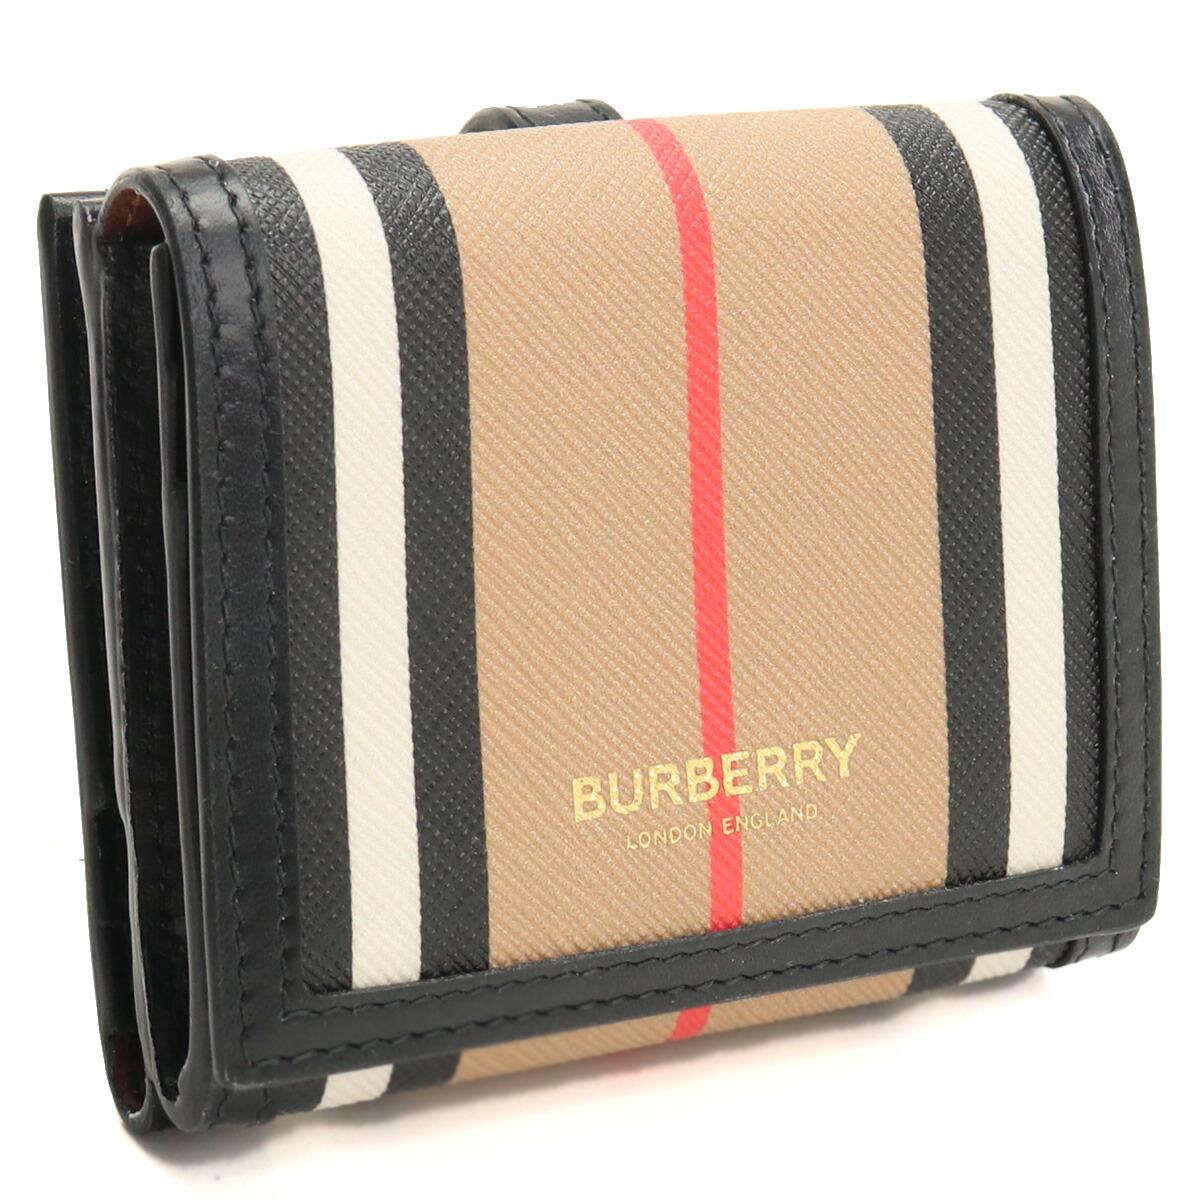 バーバリー BURBERRY  Wホック財布(S) ブランド財布 ブランドミニ財布 コンパクト財布 ブランドロゴ   8029619 A7026 ARCHIVE BEIGE マルチカラー bos-03 gsw-2